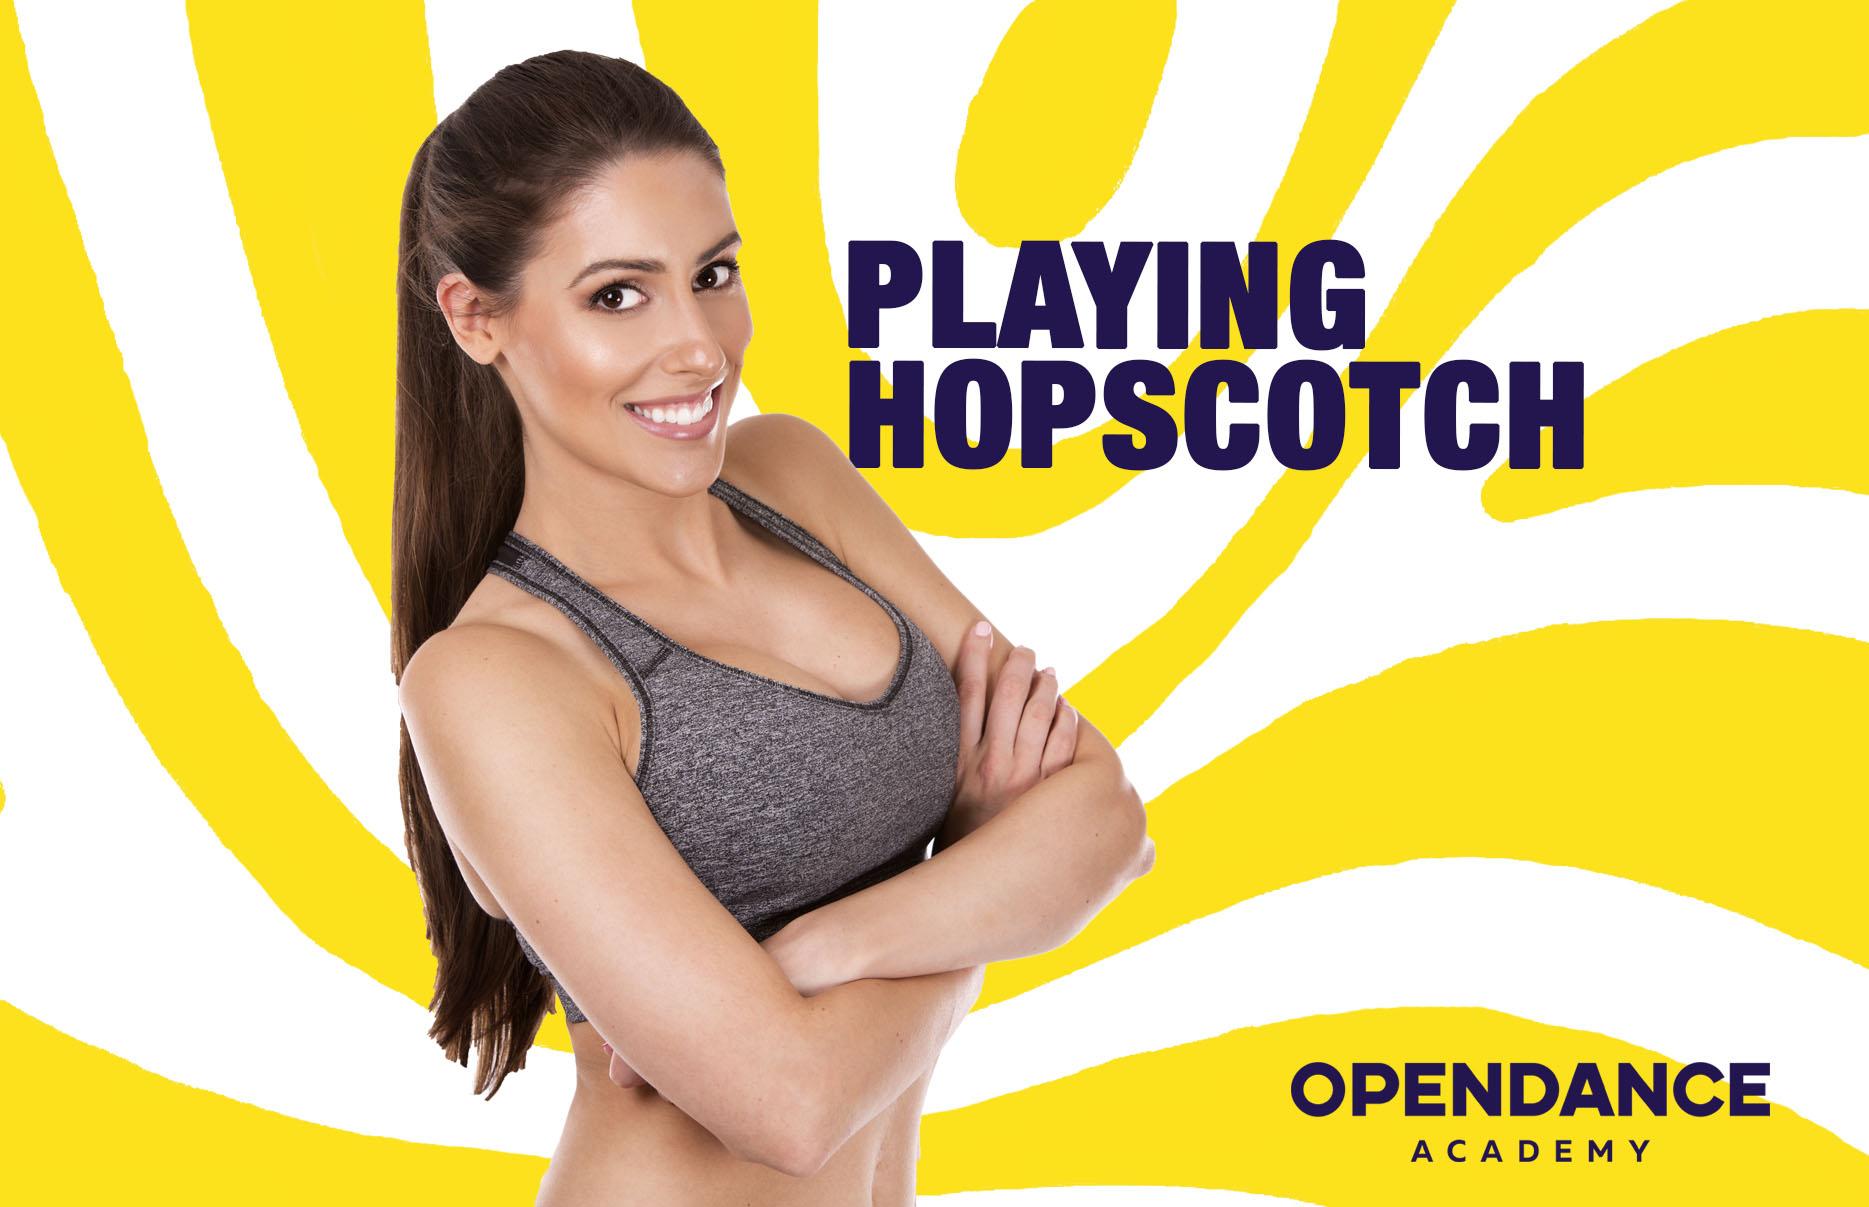 Playing Hopscotch